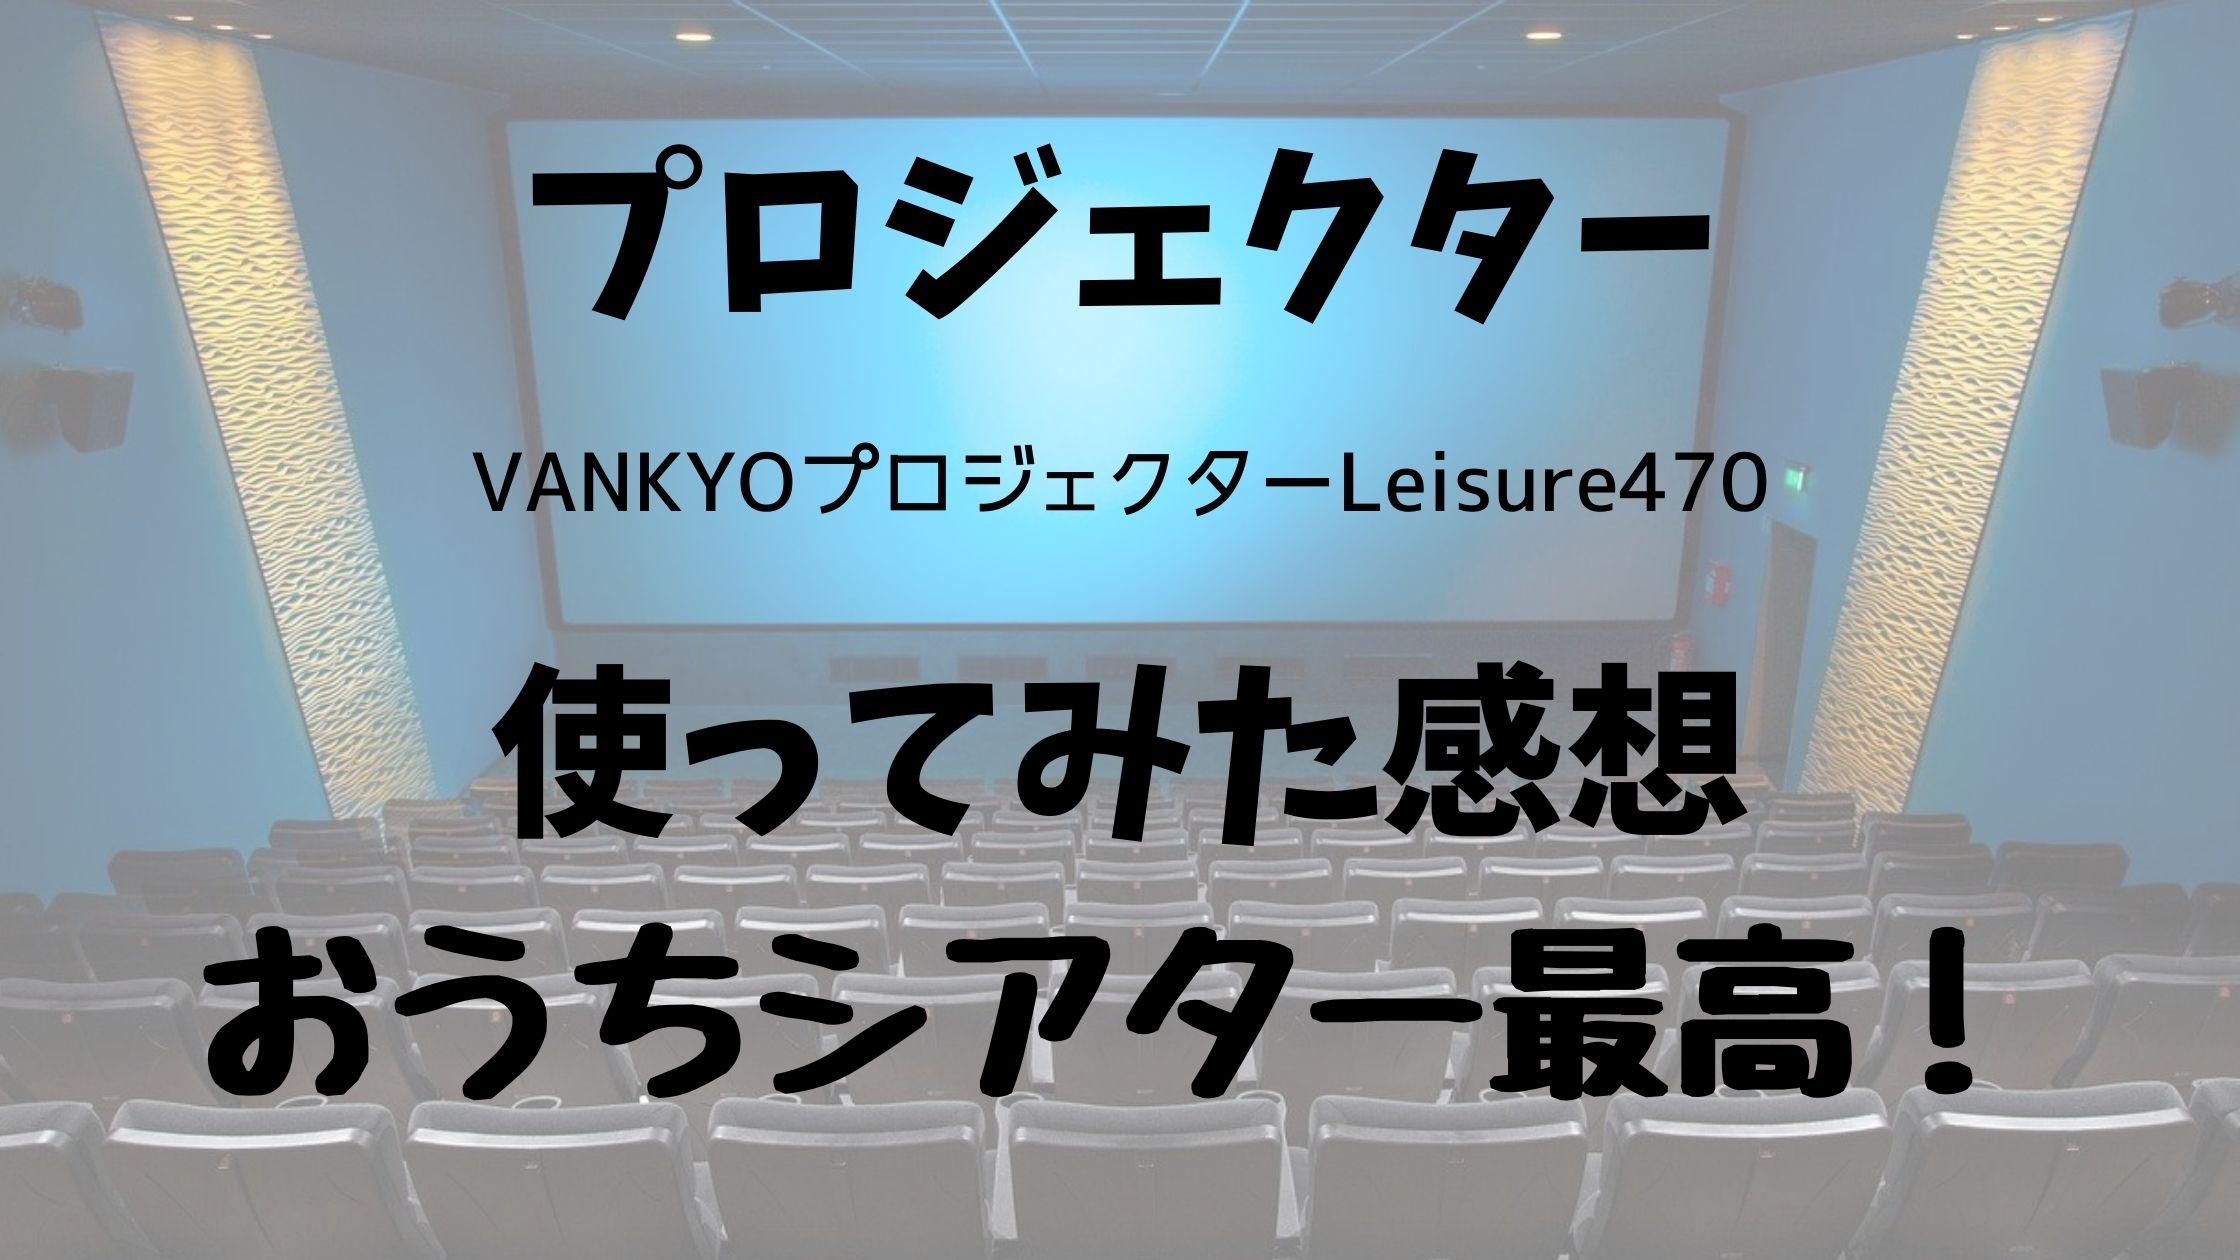 VANKYOプロジェクターLeisure470の感想【レビュー】口コミ通りミラーリングできなくてもかなり使える!